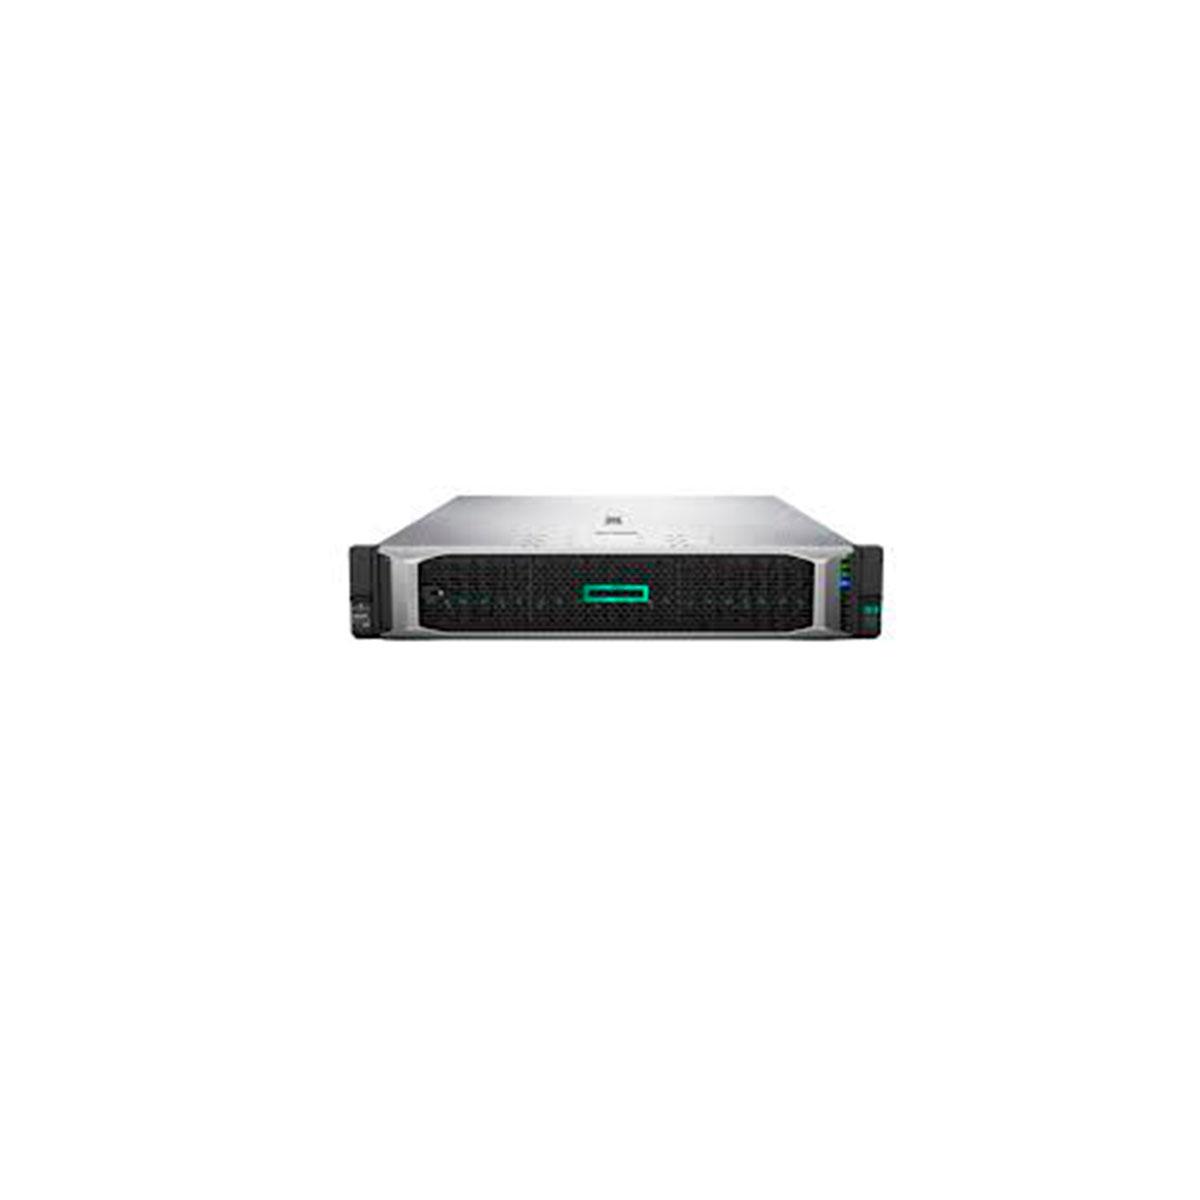 Servidor HP Proliant DL380e Gen10